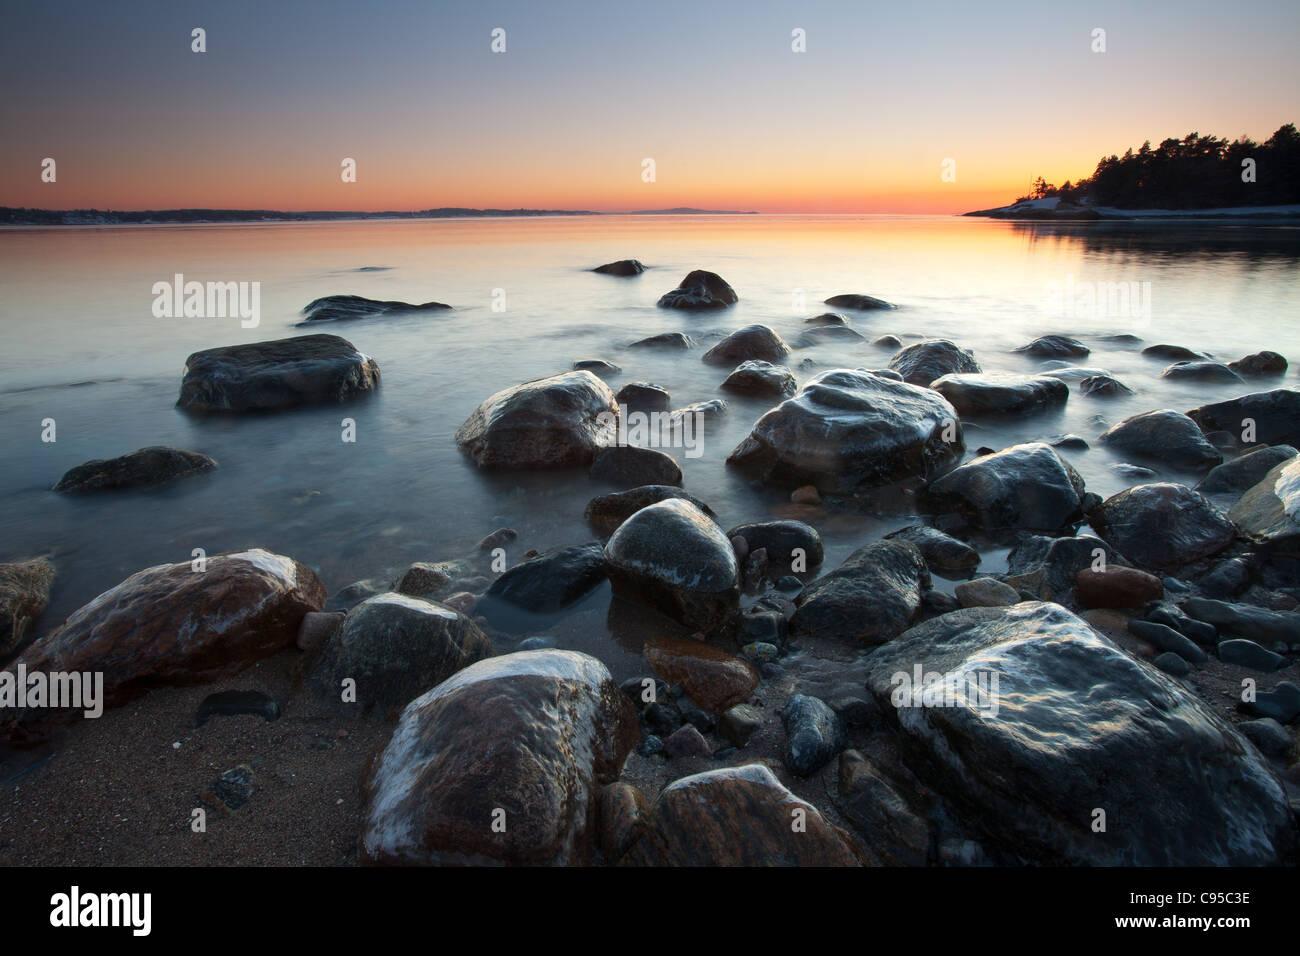 Il paesaggio costiero al tramonto a forno, dall'Oslofjord, in Råde kommune, Østfold fylke, Norvegia. Foto Stock